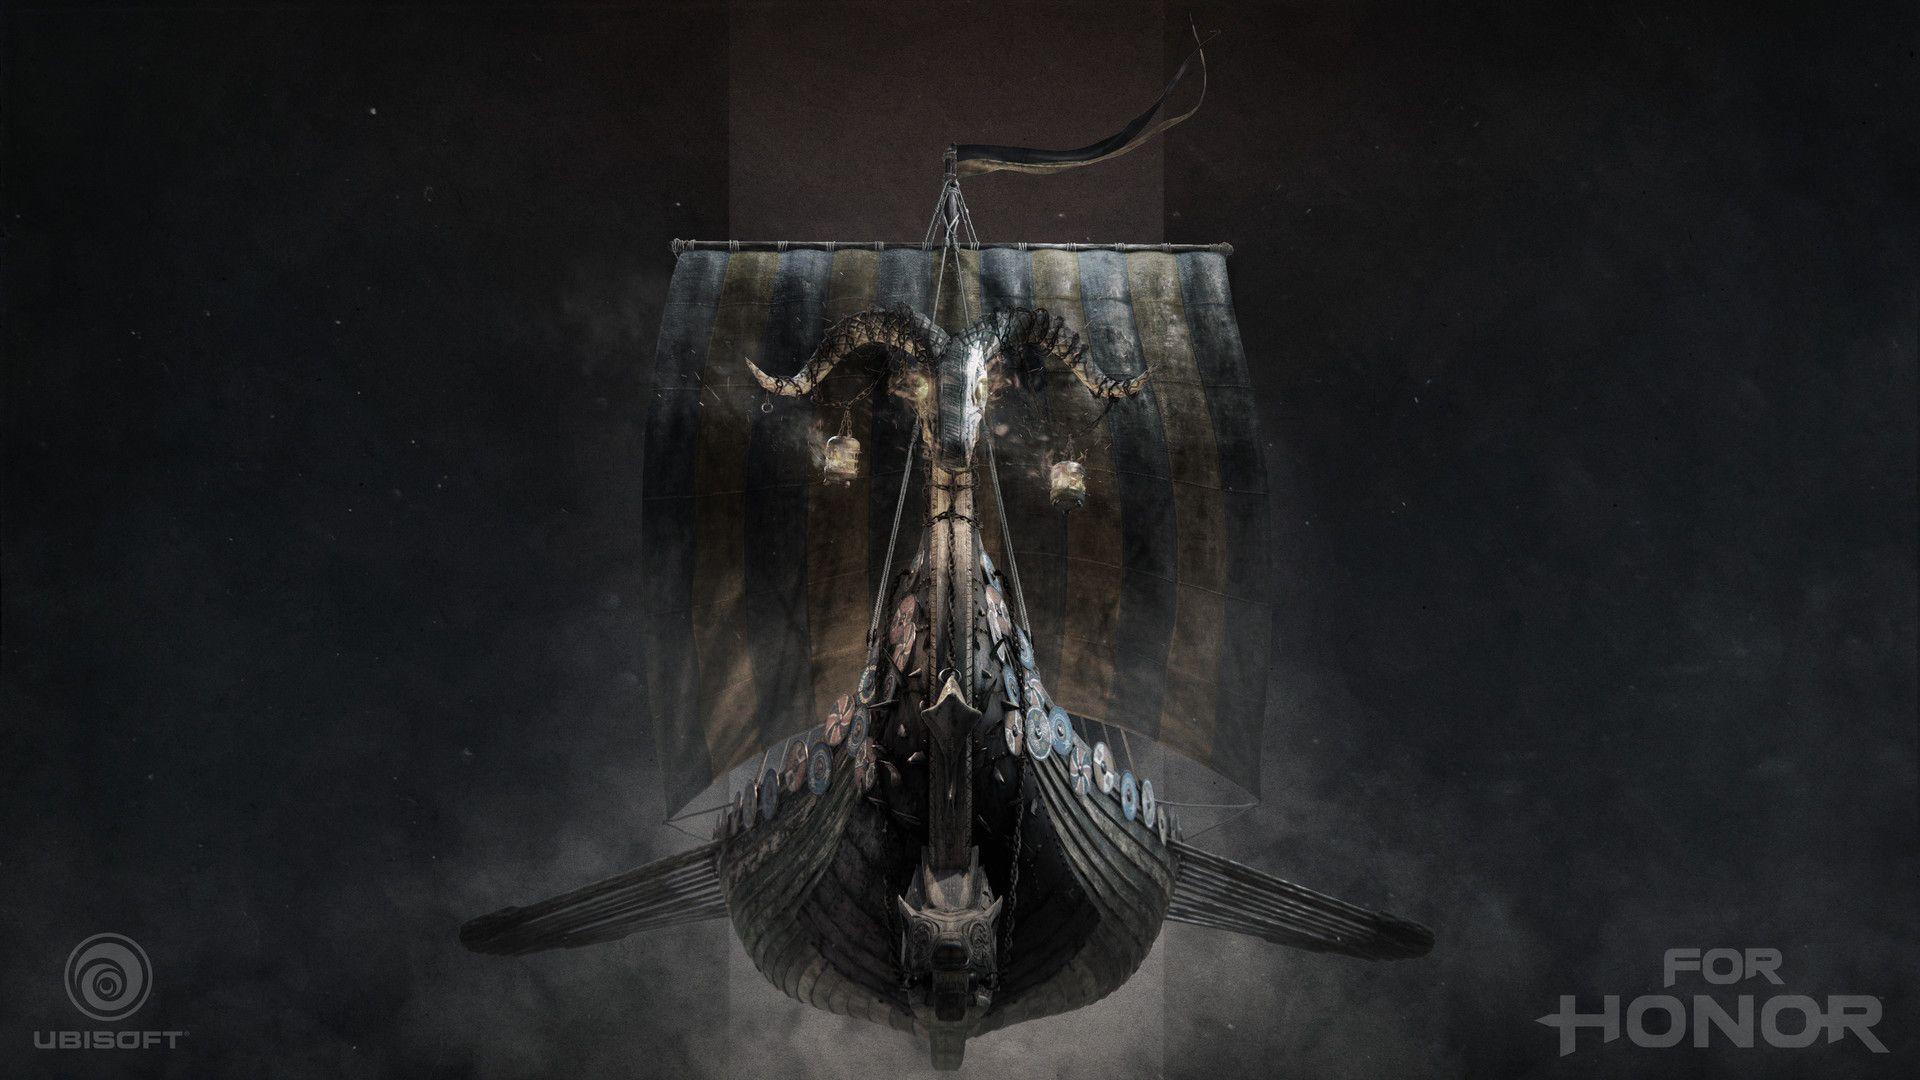 For Honor Viking Wallpaper: For Honor Viking Wallpapers